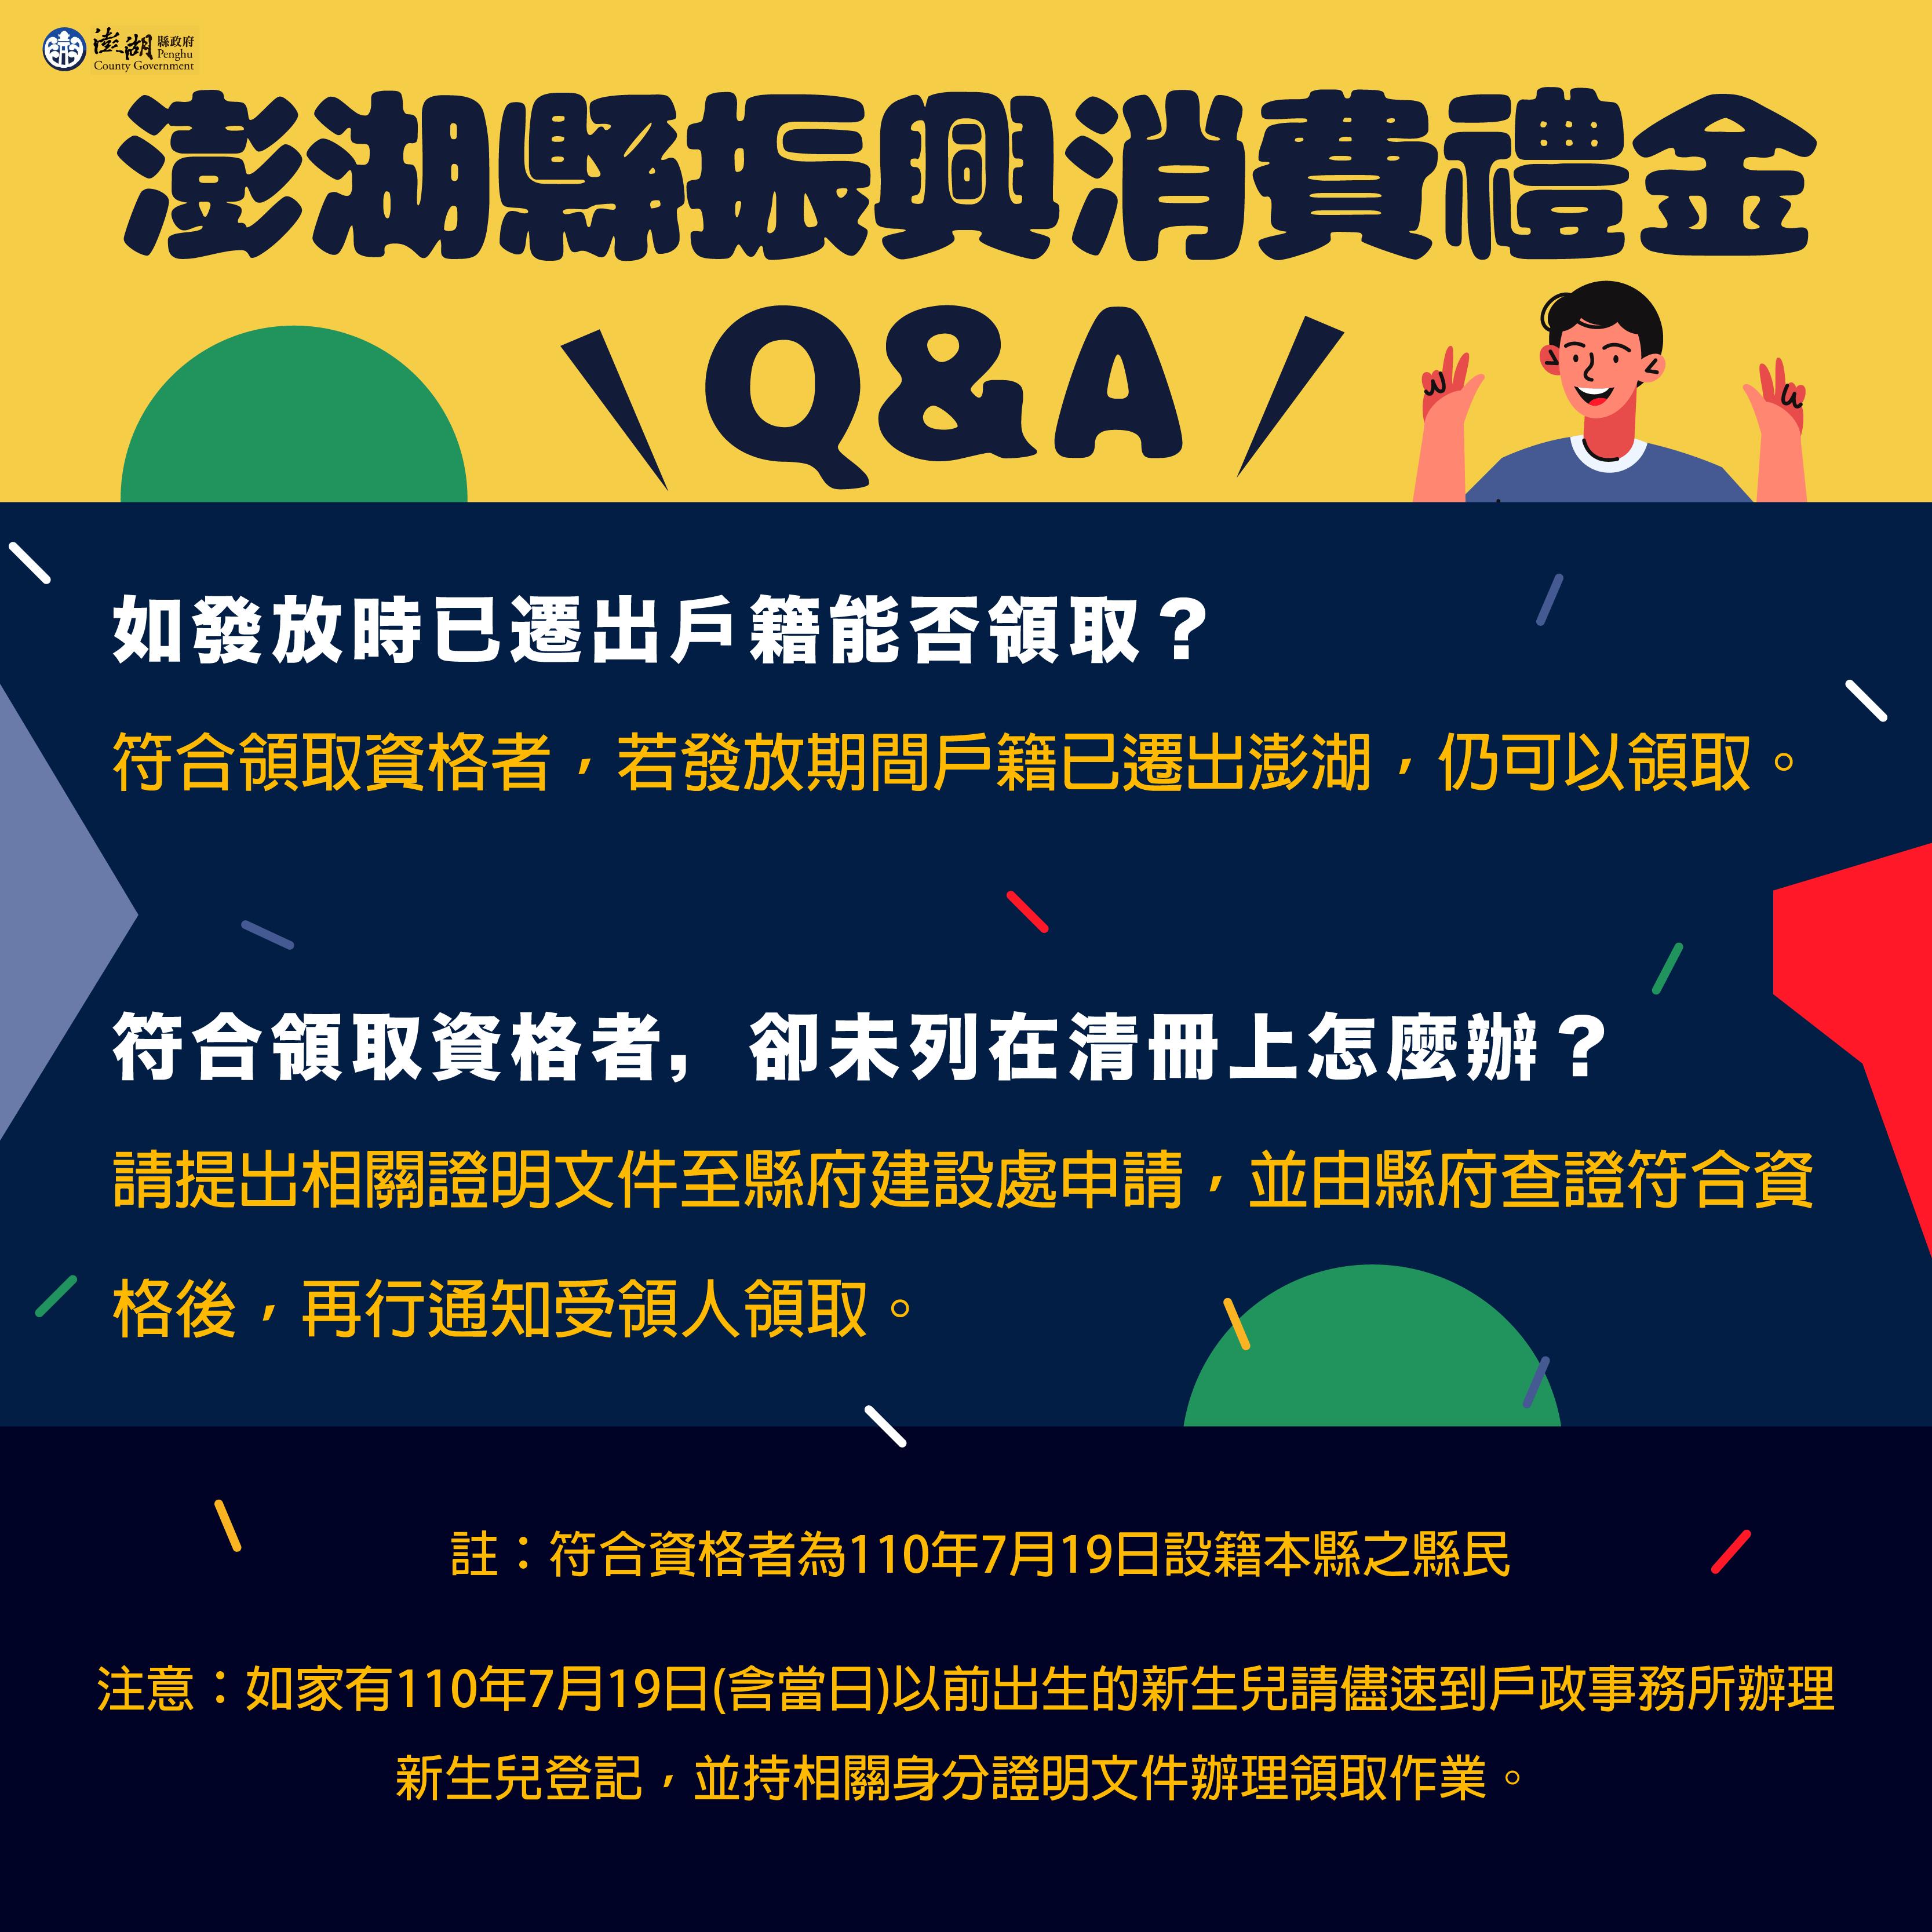 澎湖縣振興經濟消費禮金Q&A-2